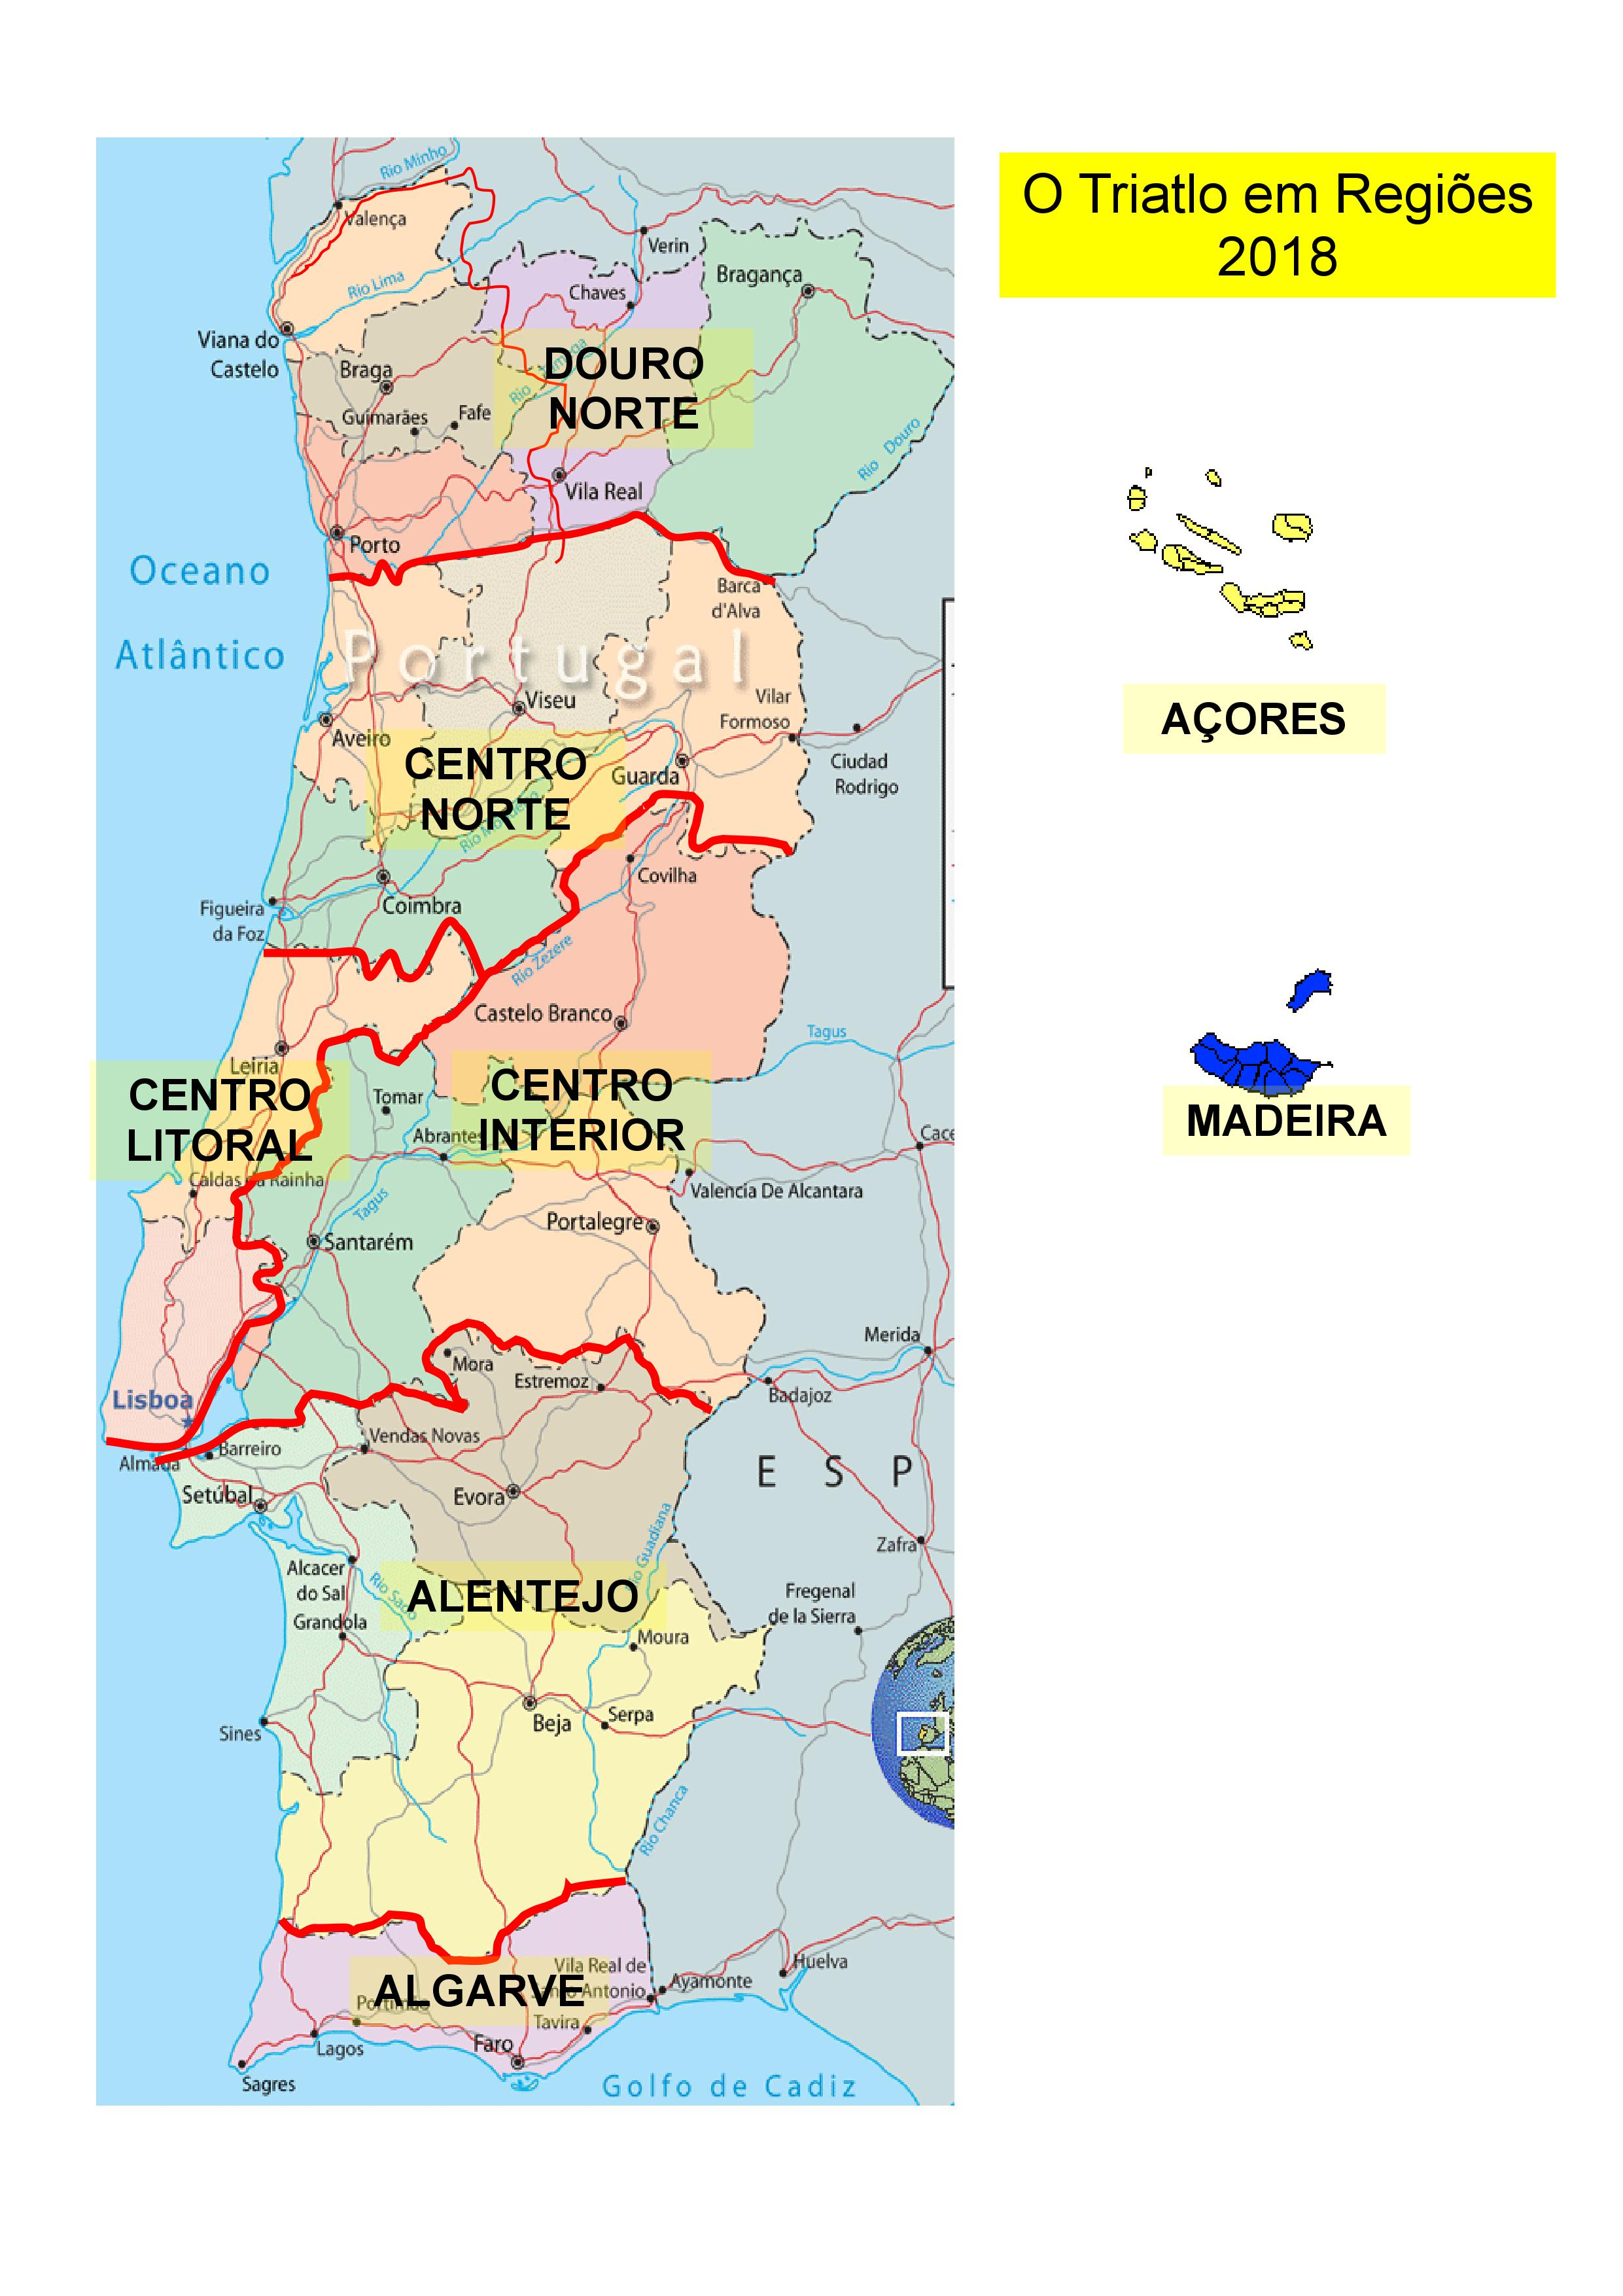 mapa de portugal montemor o velho Bem vindo à Federação de Triatlo de Portugal | Entidade Oficial mapa de portugal montemor o velho